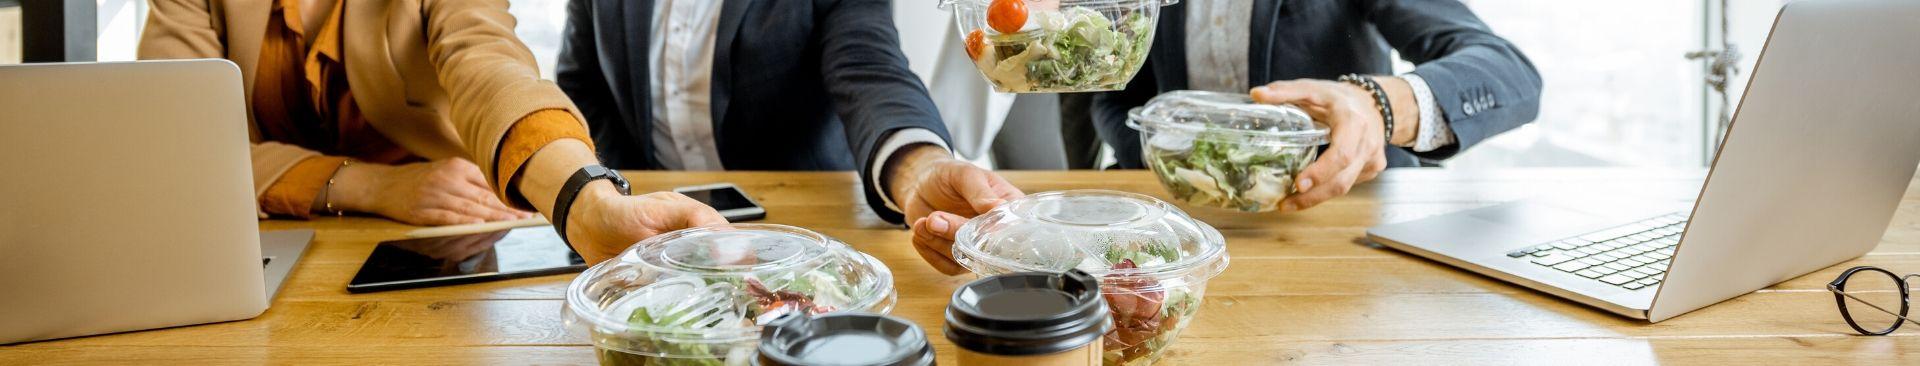 employee eating salad